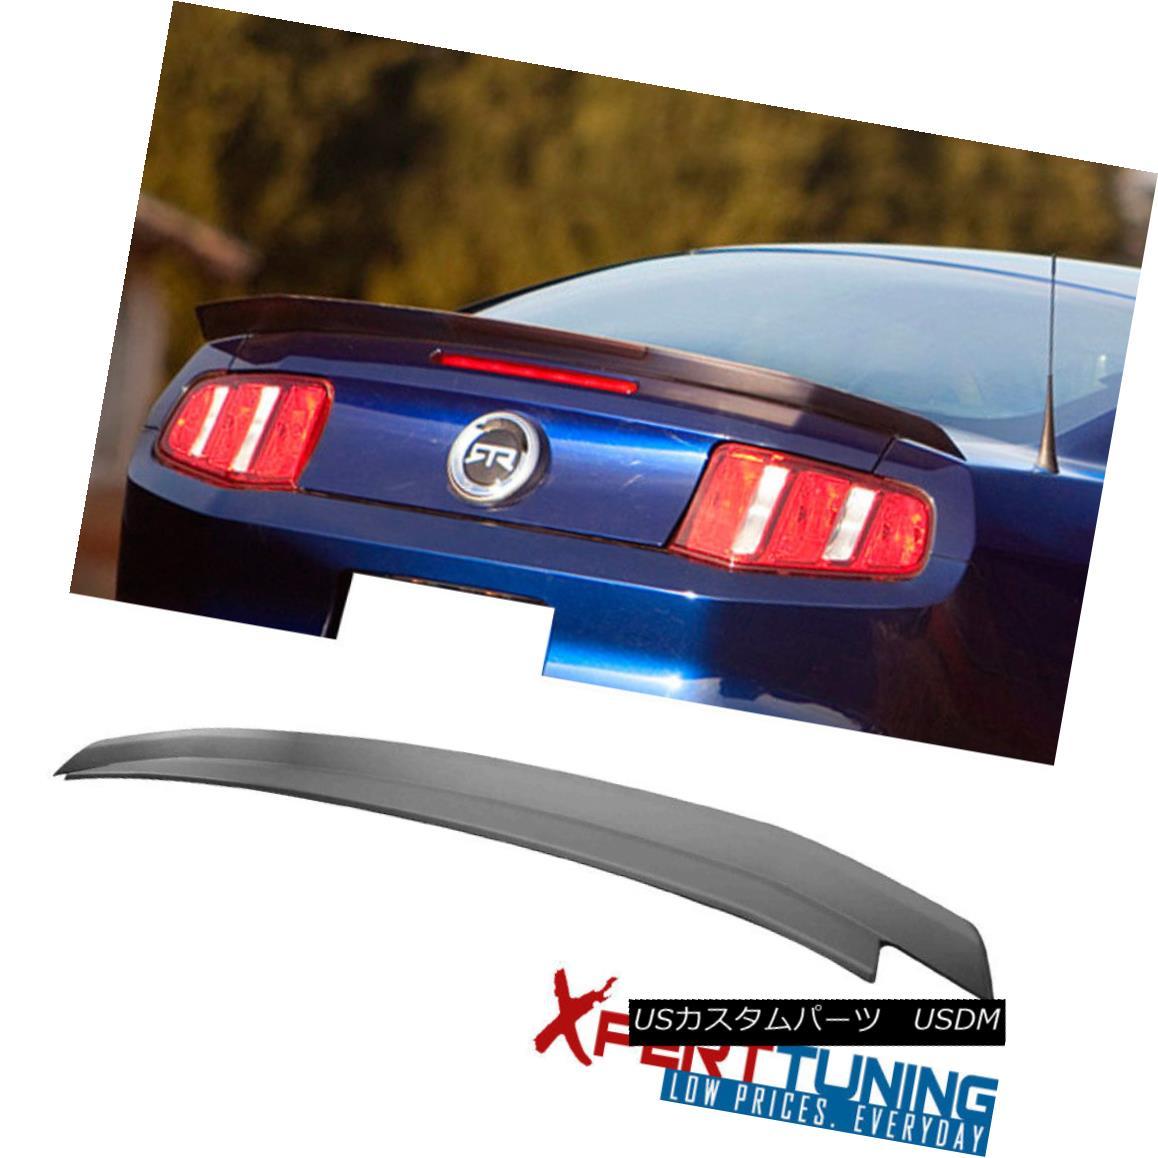 エアロパーツ Fit For 2010-2014 Ford Mustang Trunk Spoiler Lid Painted Matte Black 2010-2014 Ford Mustangトランク・スポイラー・リッド・ペイント・マット・ブラック